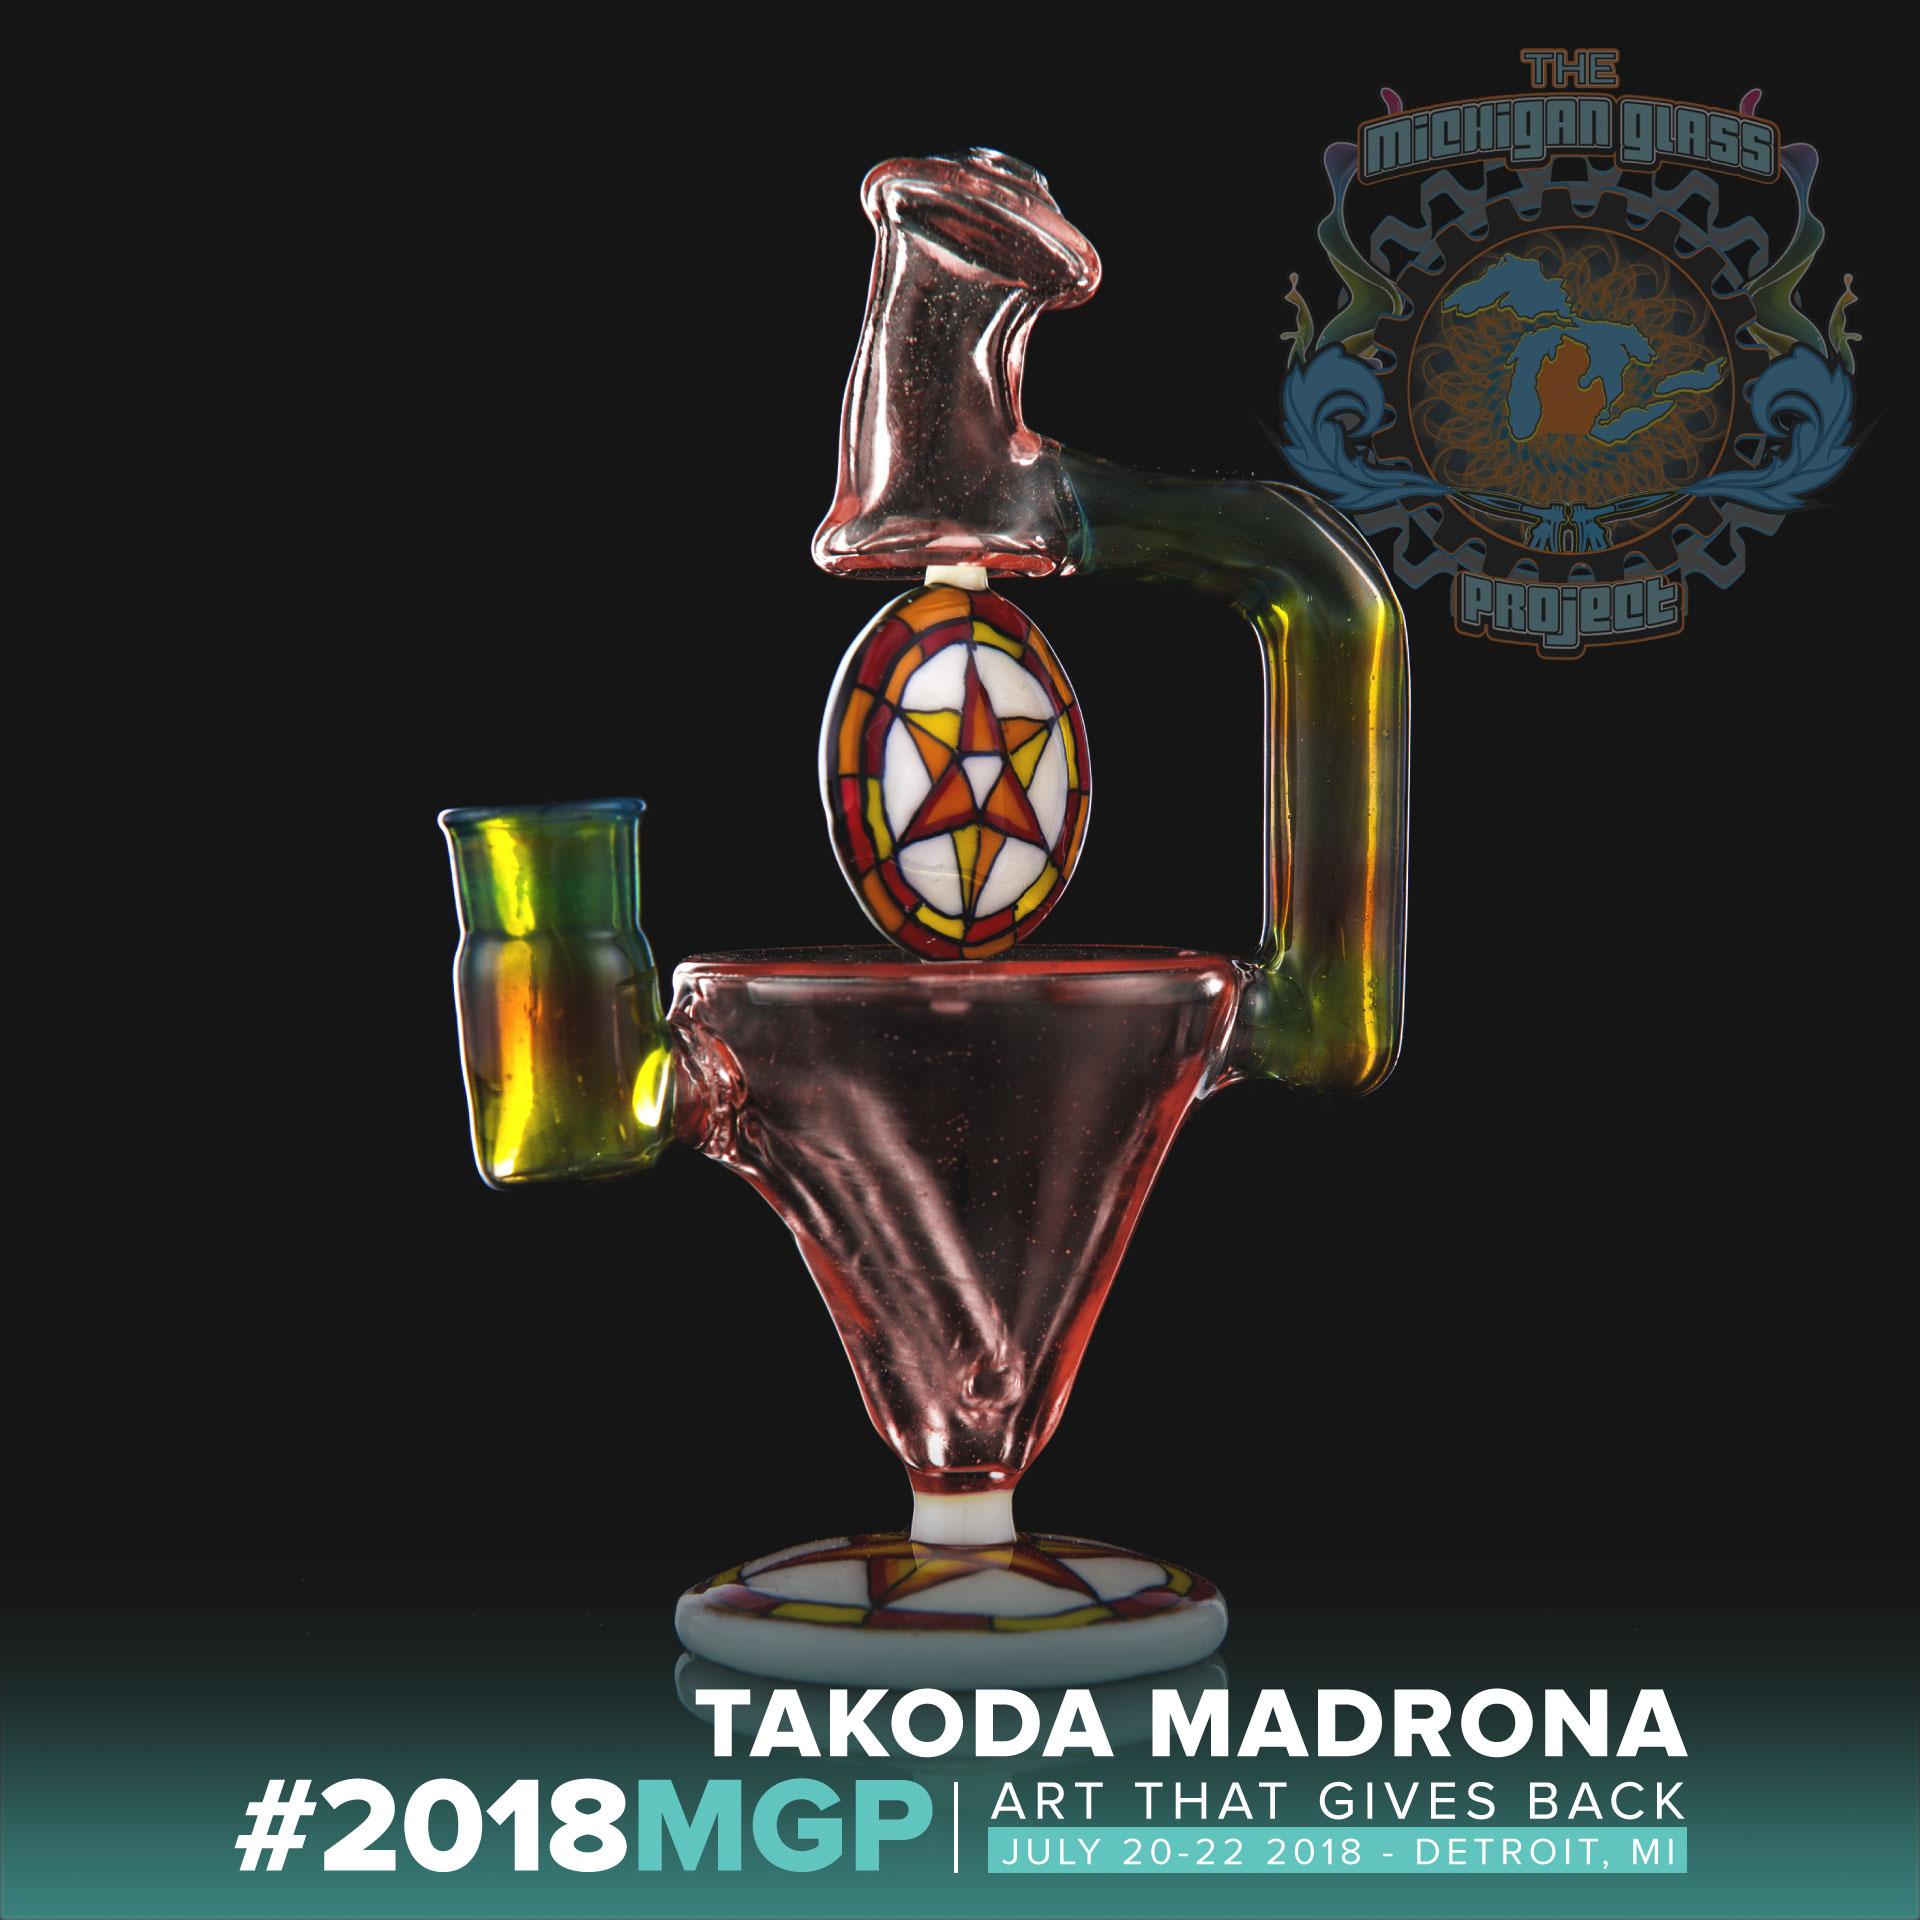 Takoda Madrona